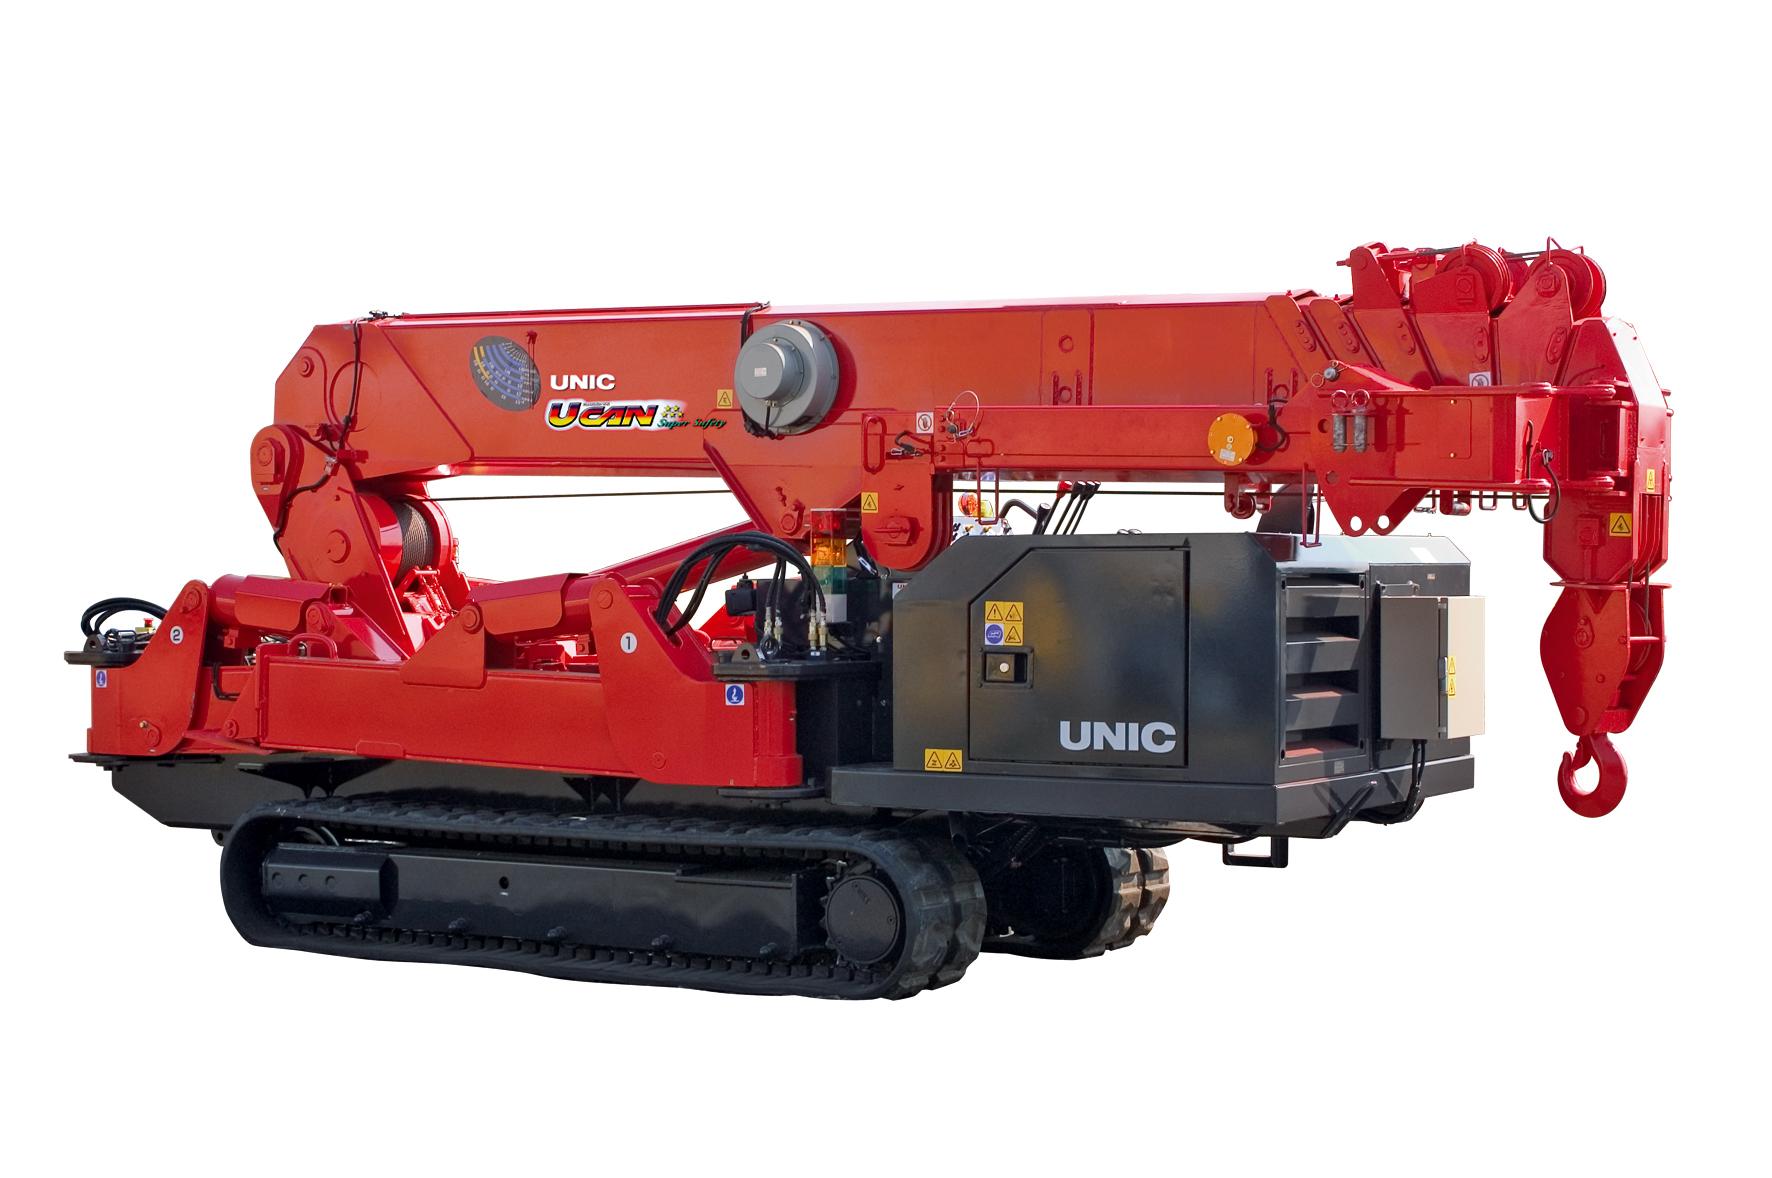 wynajem żurawi UNIC URW-706